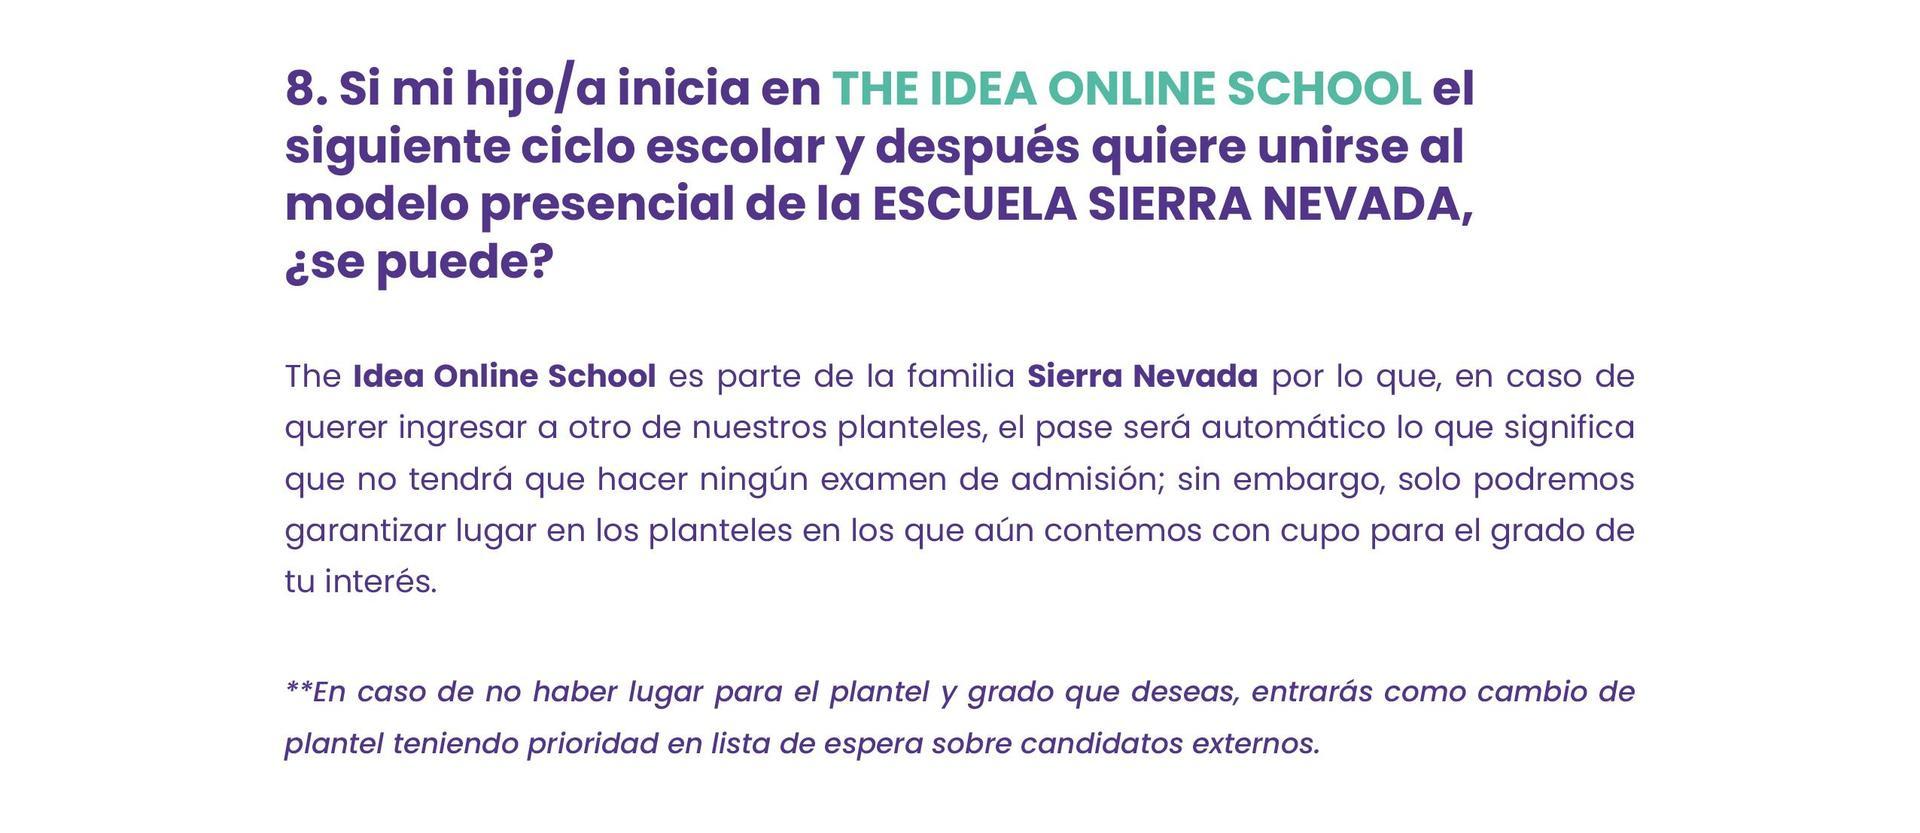 the idea 5